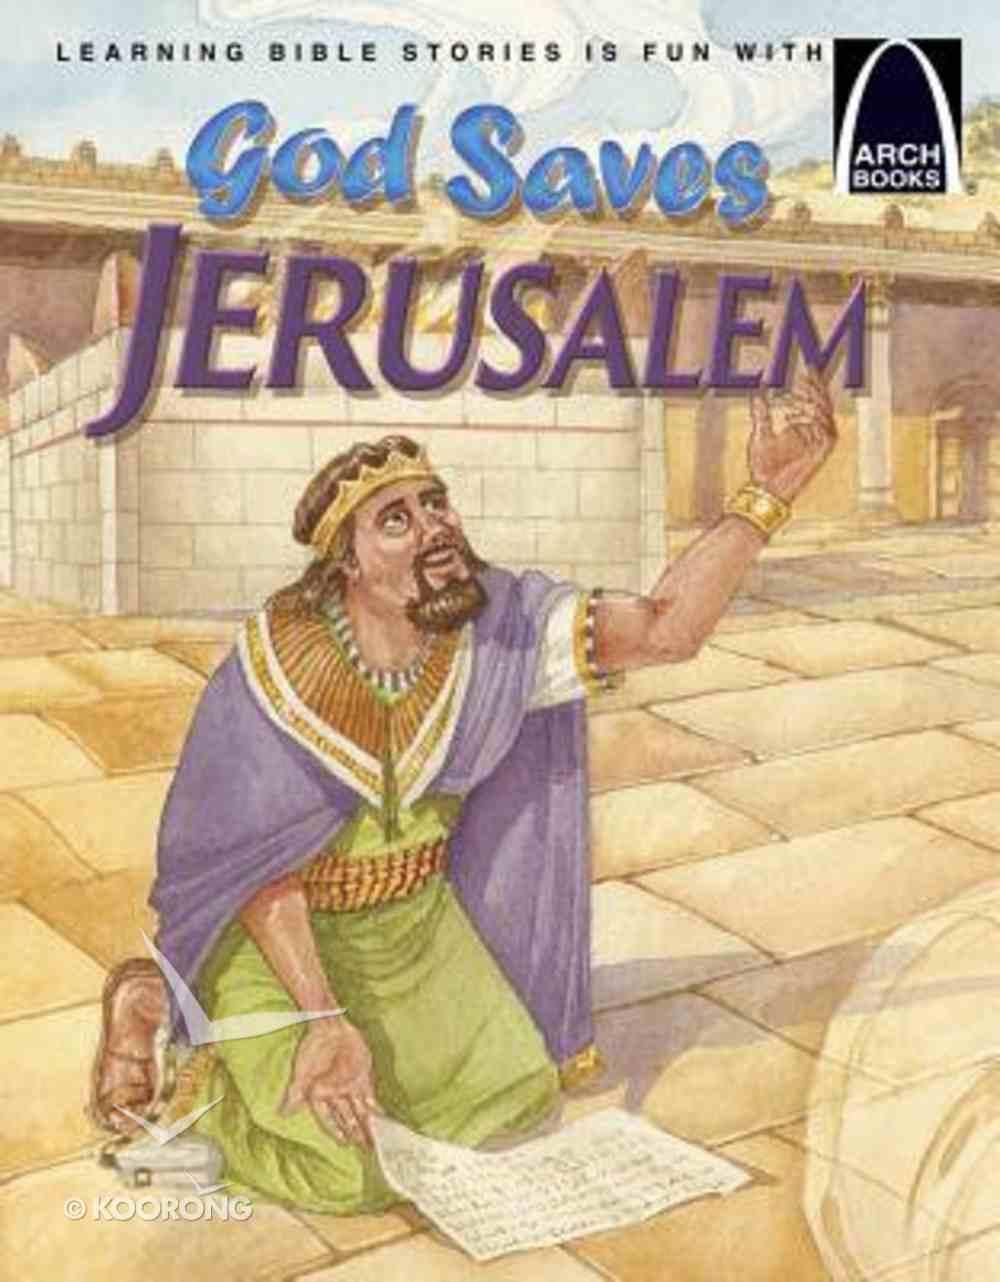 God Saves Jerusalem (Arch Books Series) Paperback